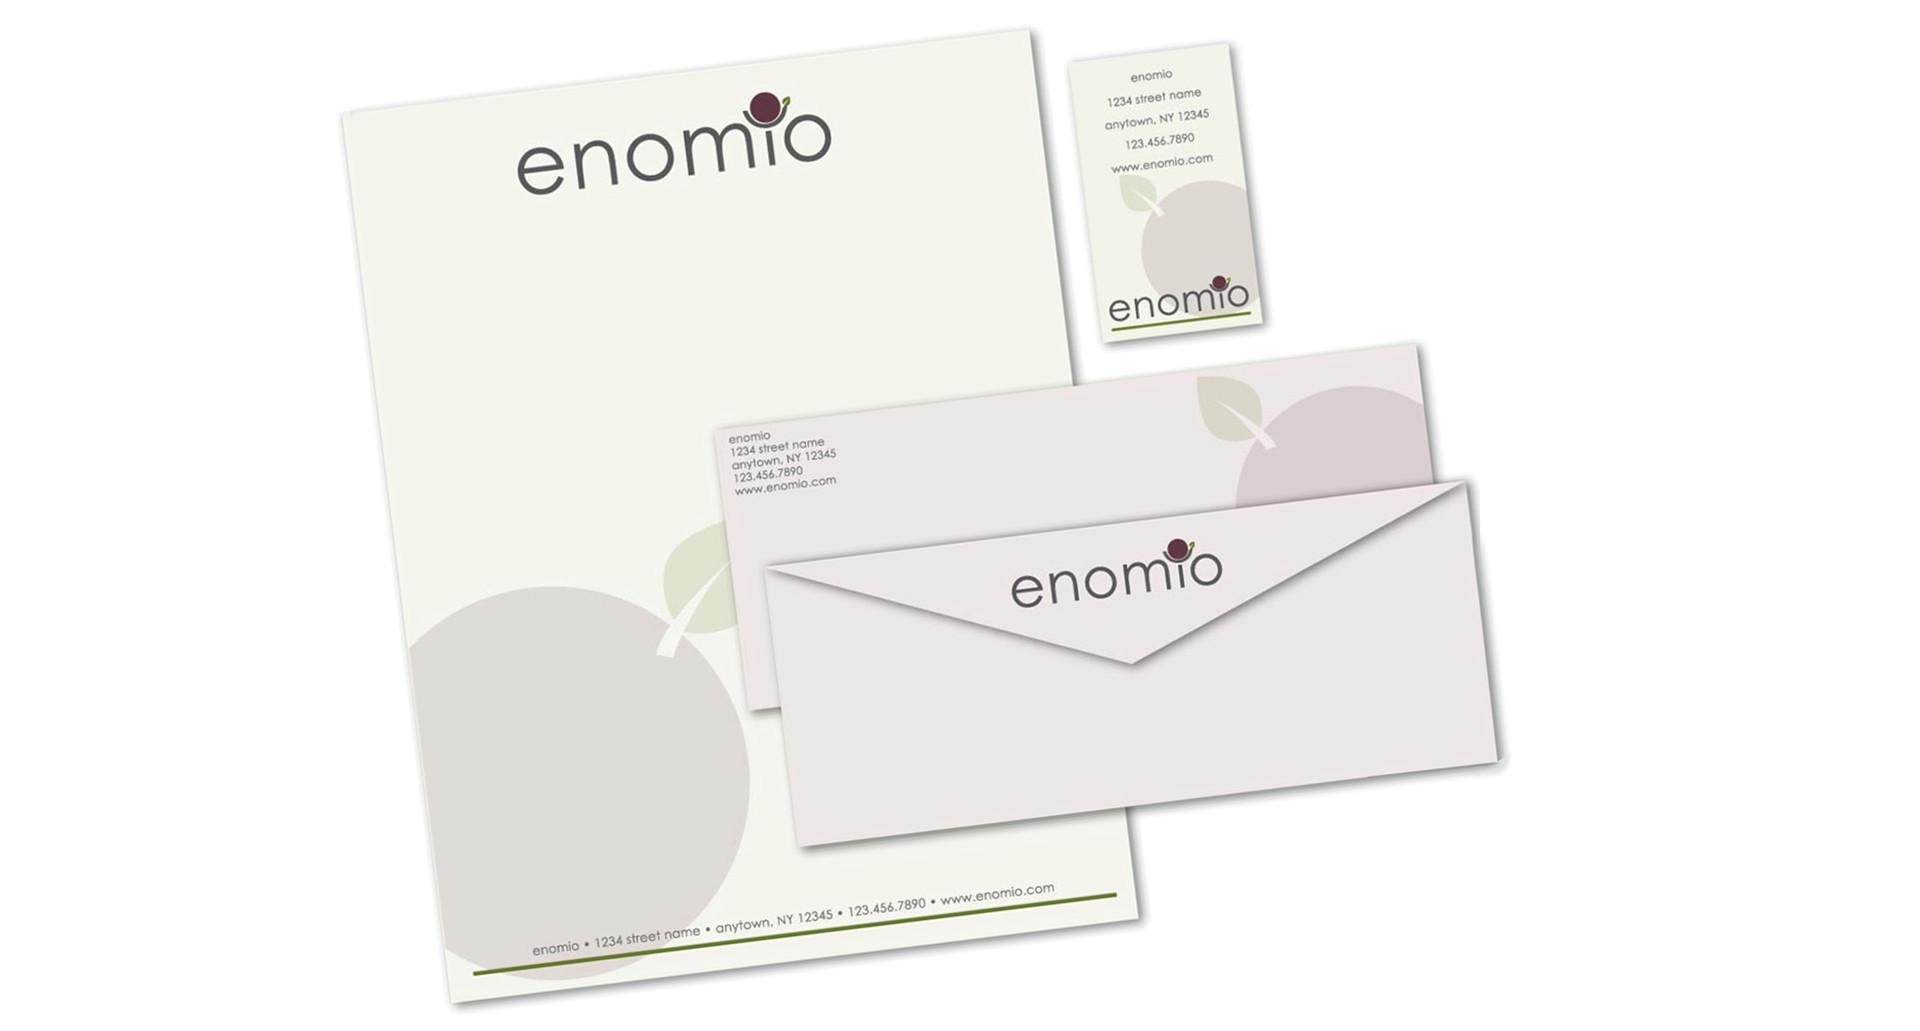 Enomio Wine